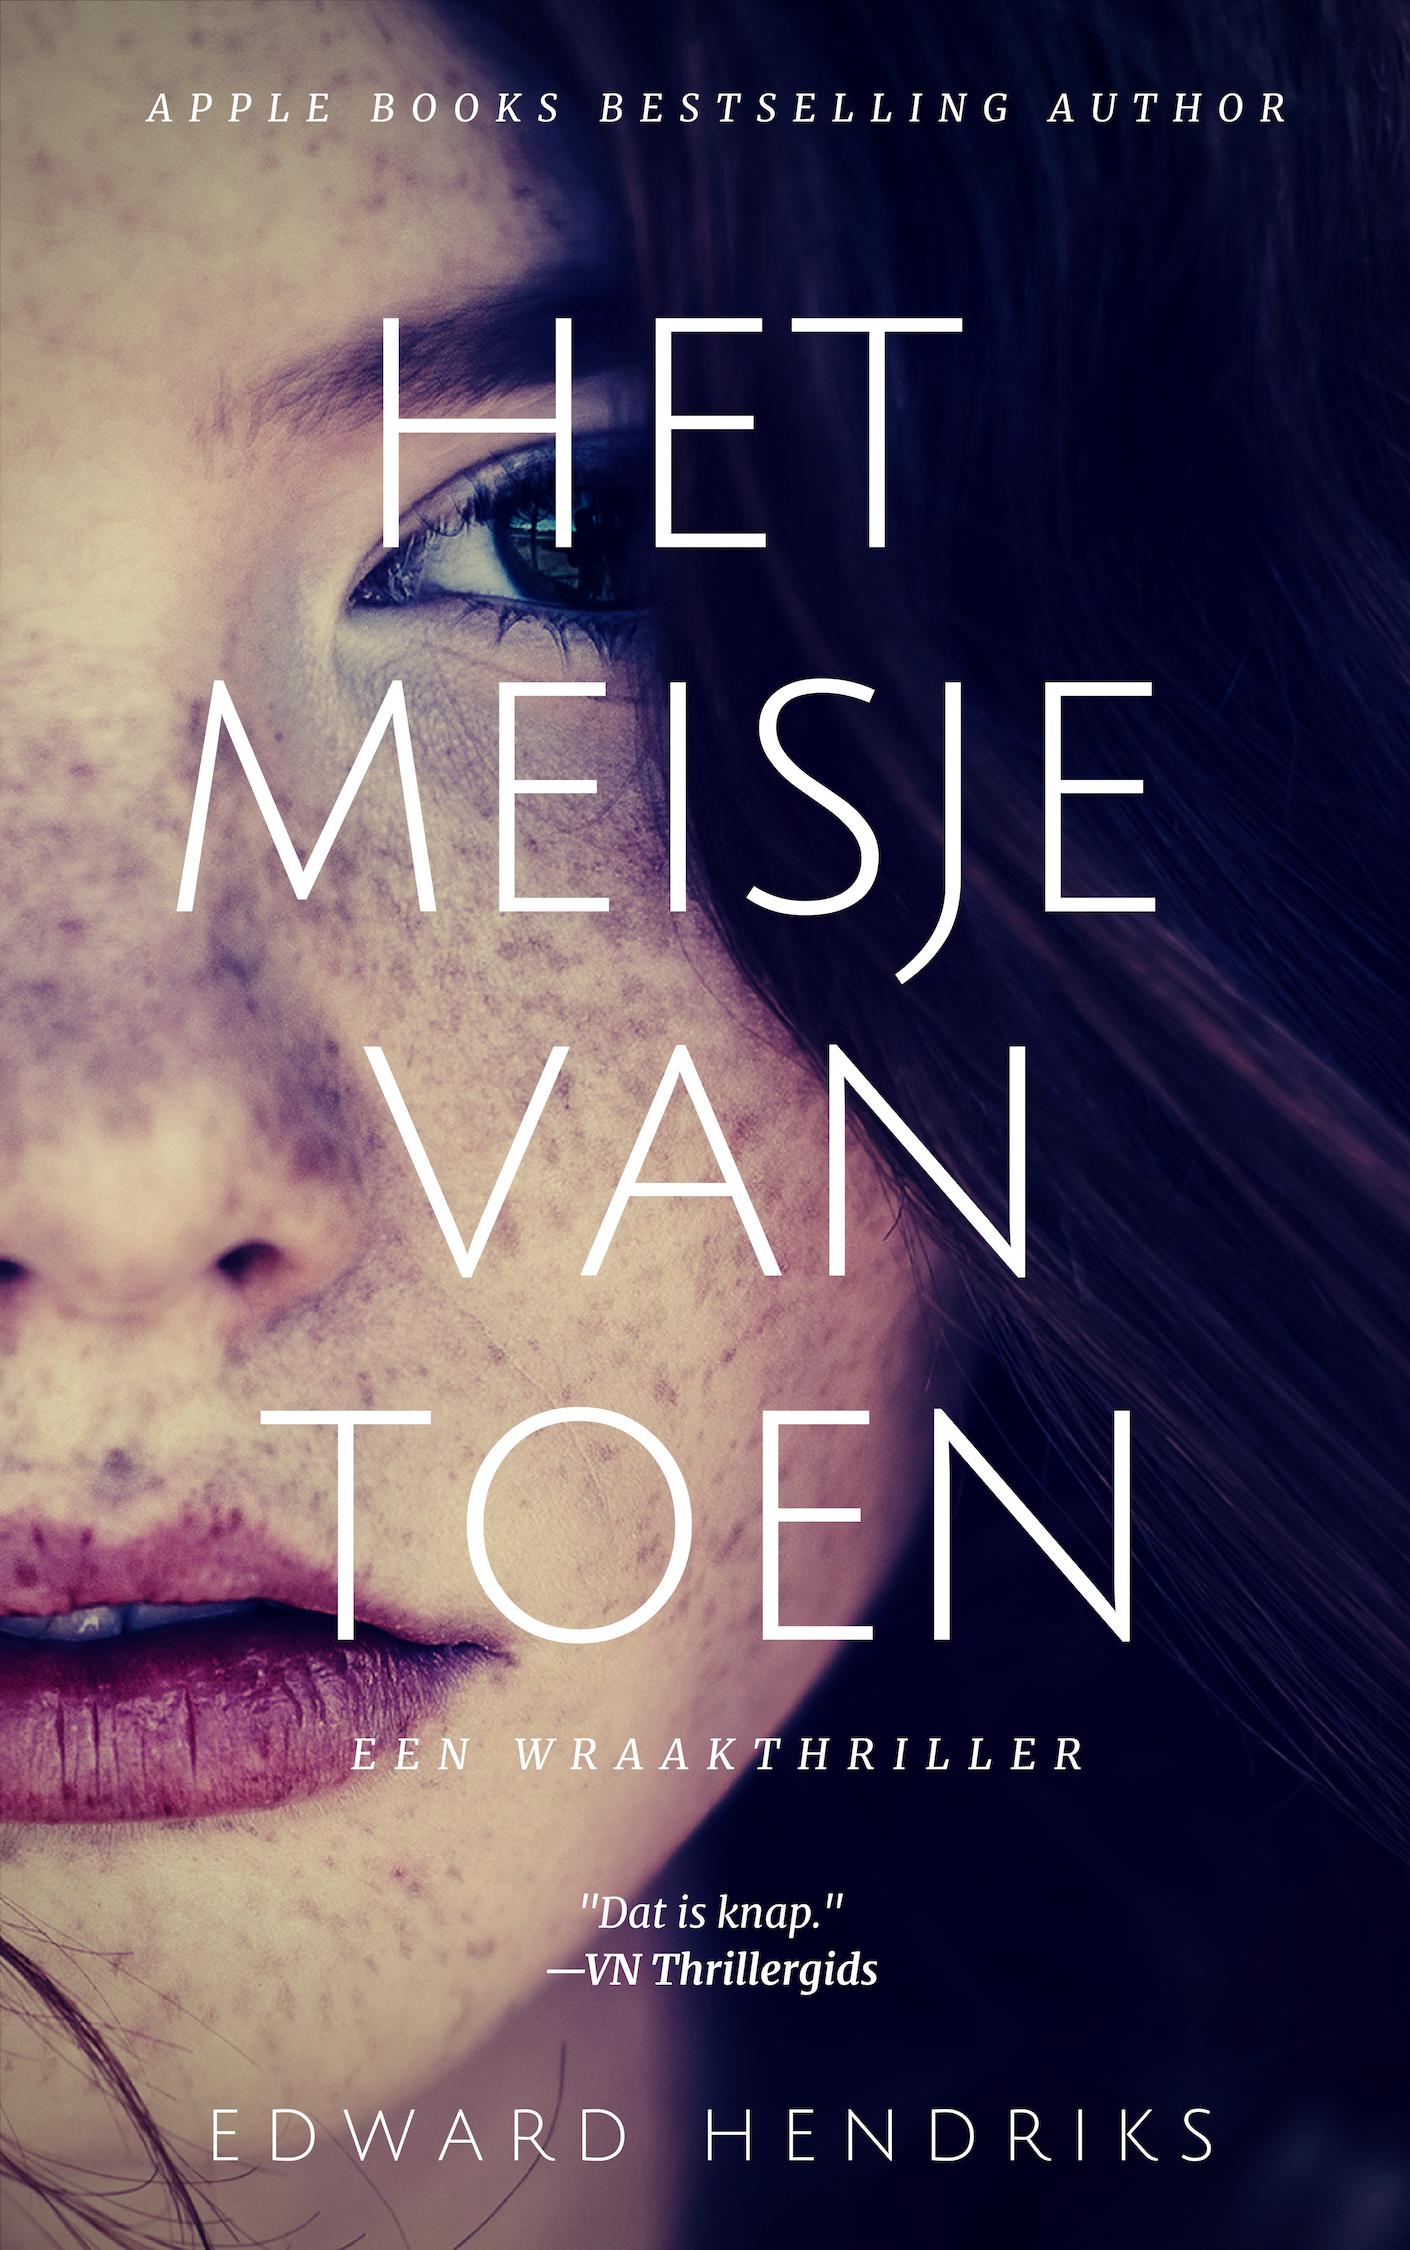 Het meisje van toen - thriller